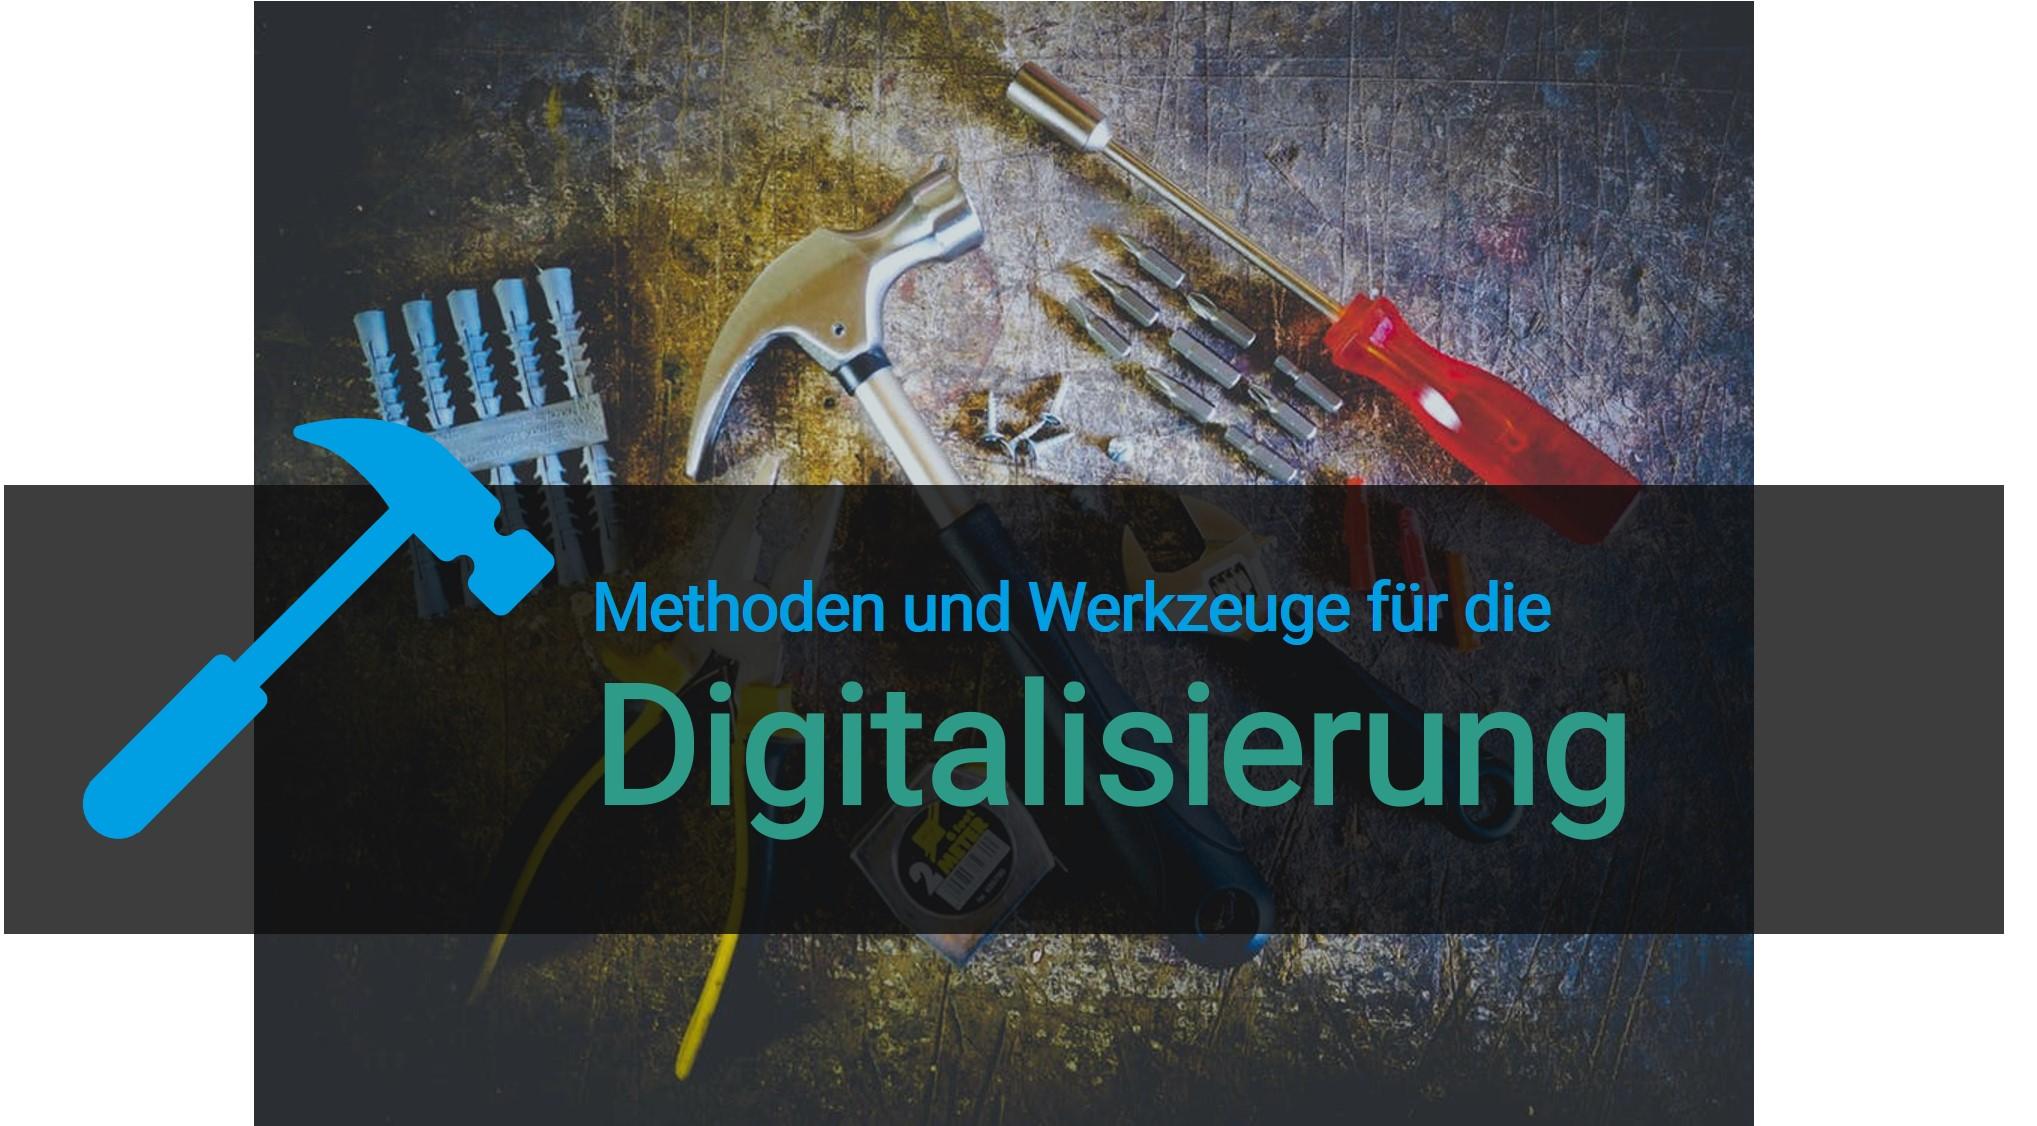 methoden und werkzeuge für die digitalisierung